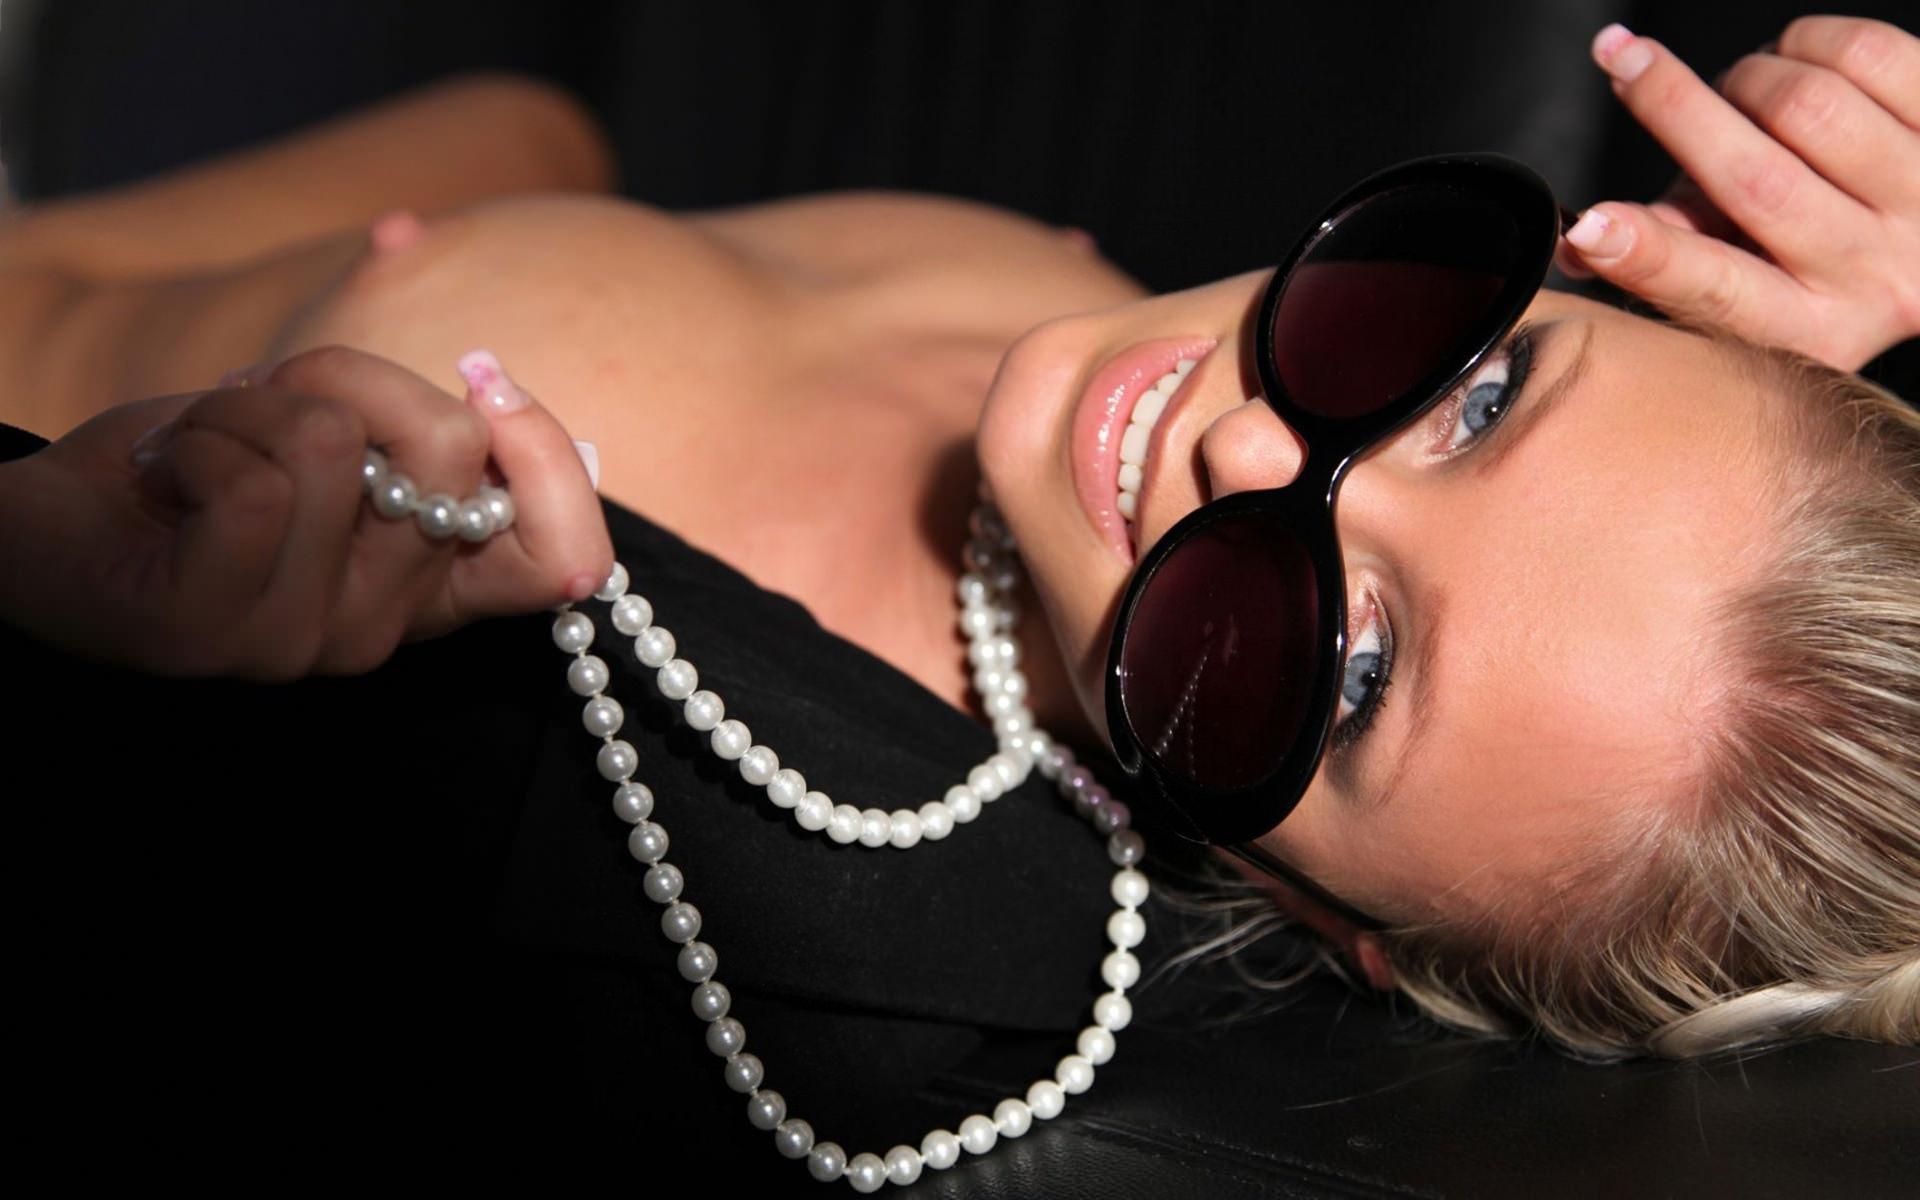 Фото Светская львица, голубоглазая красотка в темных очках, розовые сладкие губы, белоснежная улыбка, белые бусы, обнаженная маленькая грудь, набухшие упругие розовые соски. Black glasses, naked tits, pink nipples, sweet lips, smile, look, white beads, black blazer, glamourous girl, скачать картинку бесплатно